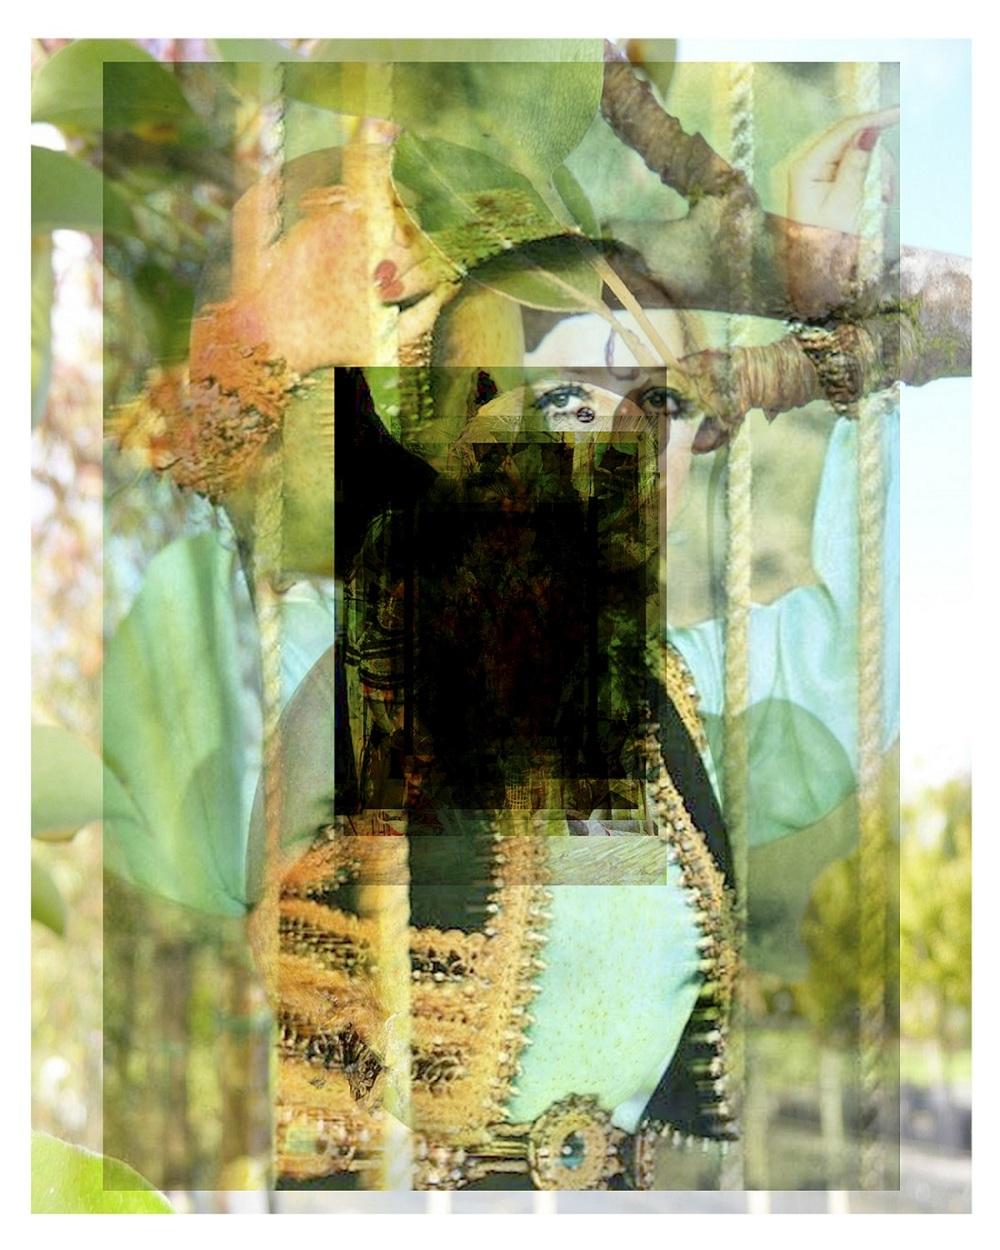 Alessandro Calabrese, 20140104 Mina, dalla serie A Failed Entertainment, Stampa inkjet su carta Pearl, cm 100x80 © Alessandro Calabrese, courtesy Viasaterna